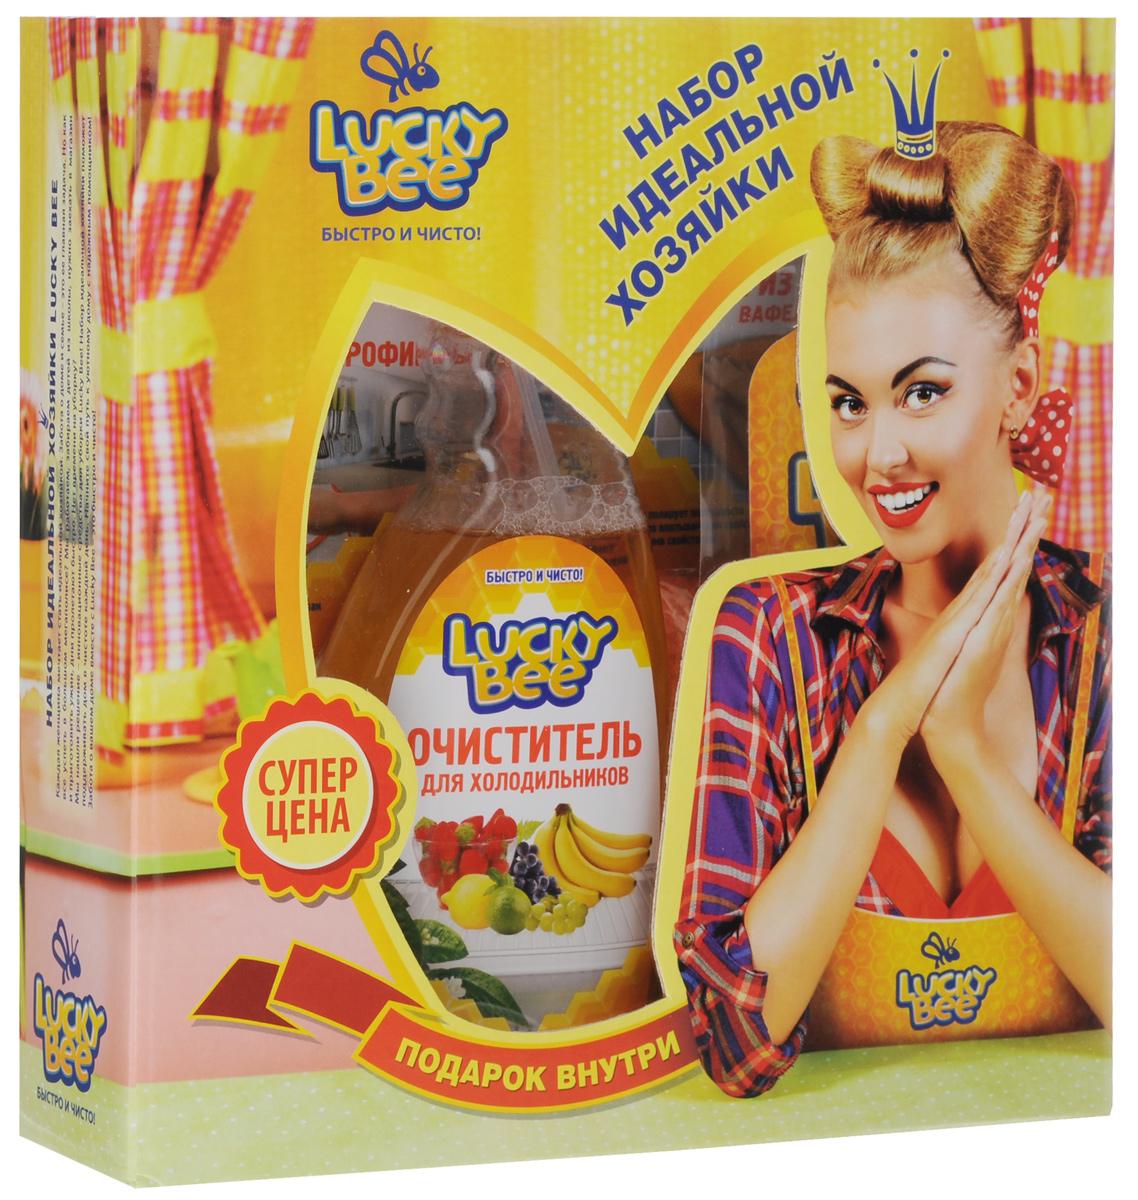 """Набор для холодильника """"Lucky Bee"""", 3 предмета + ПОДАРОК: Блокнот-магнит на холодильник"""